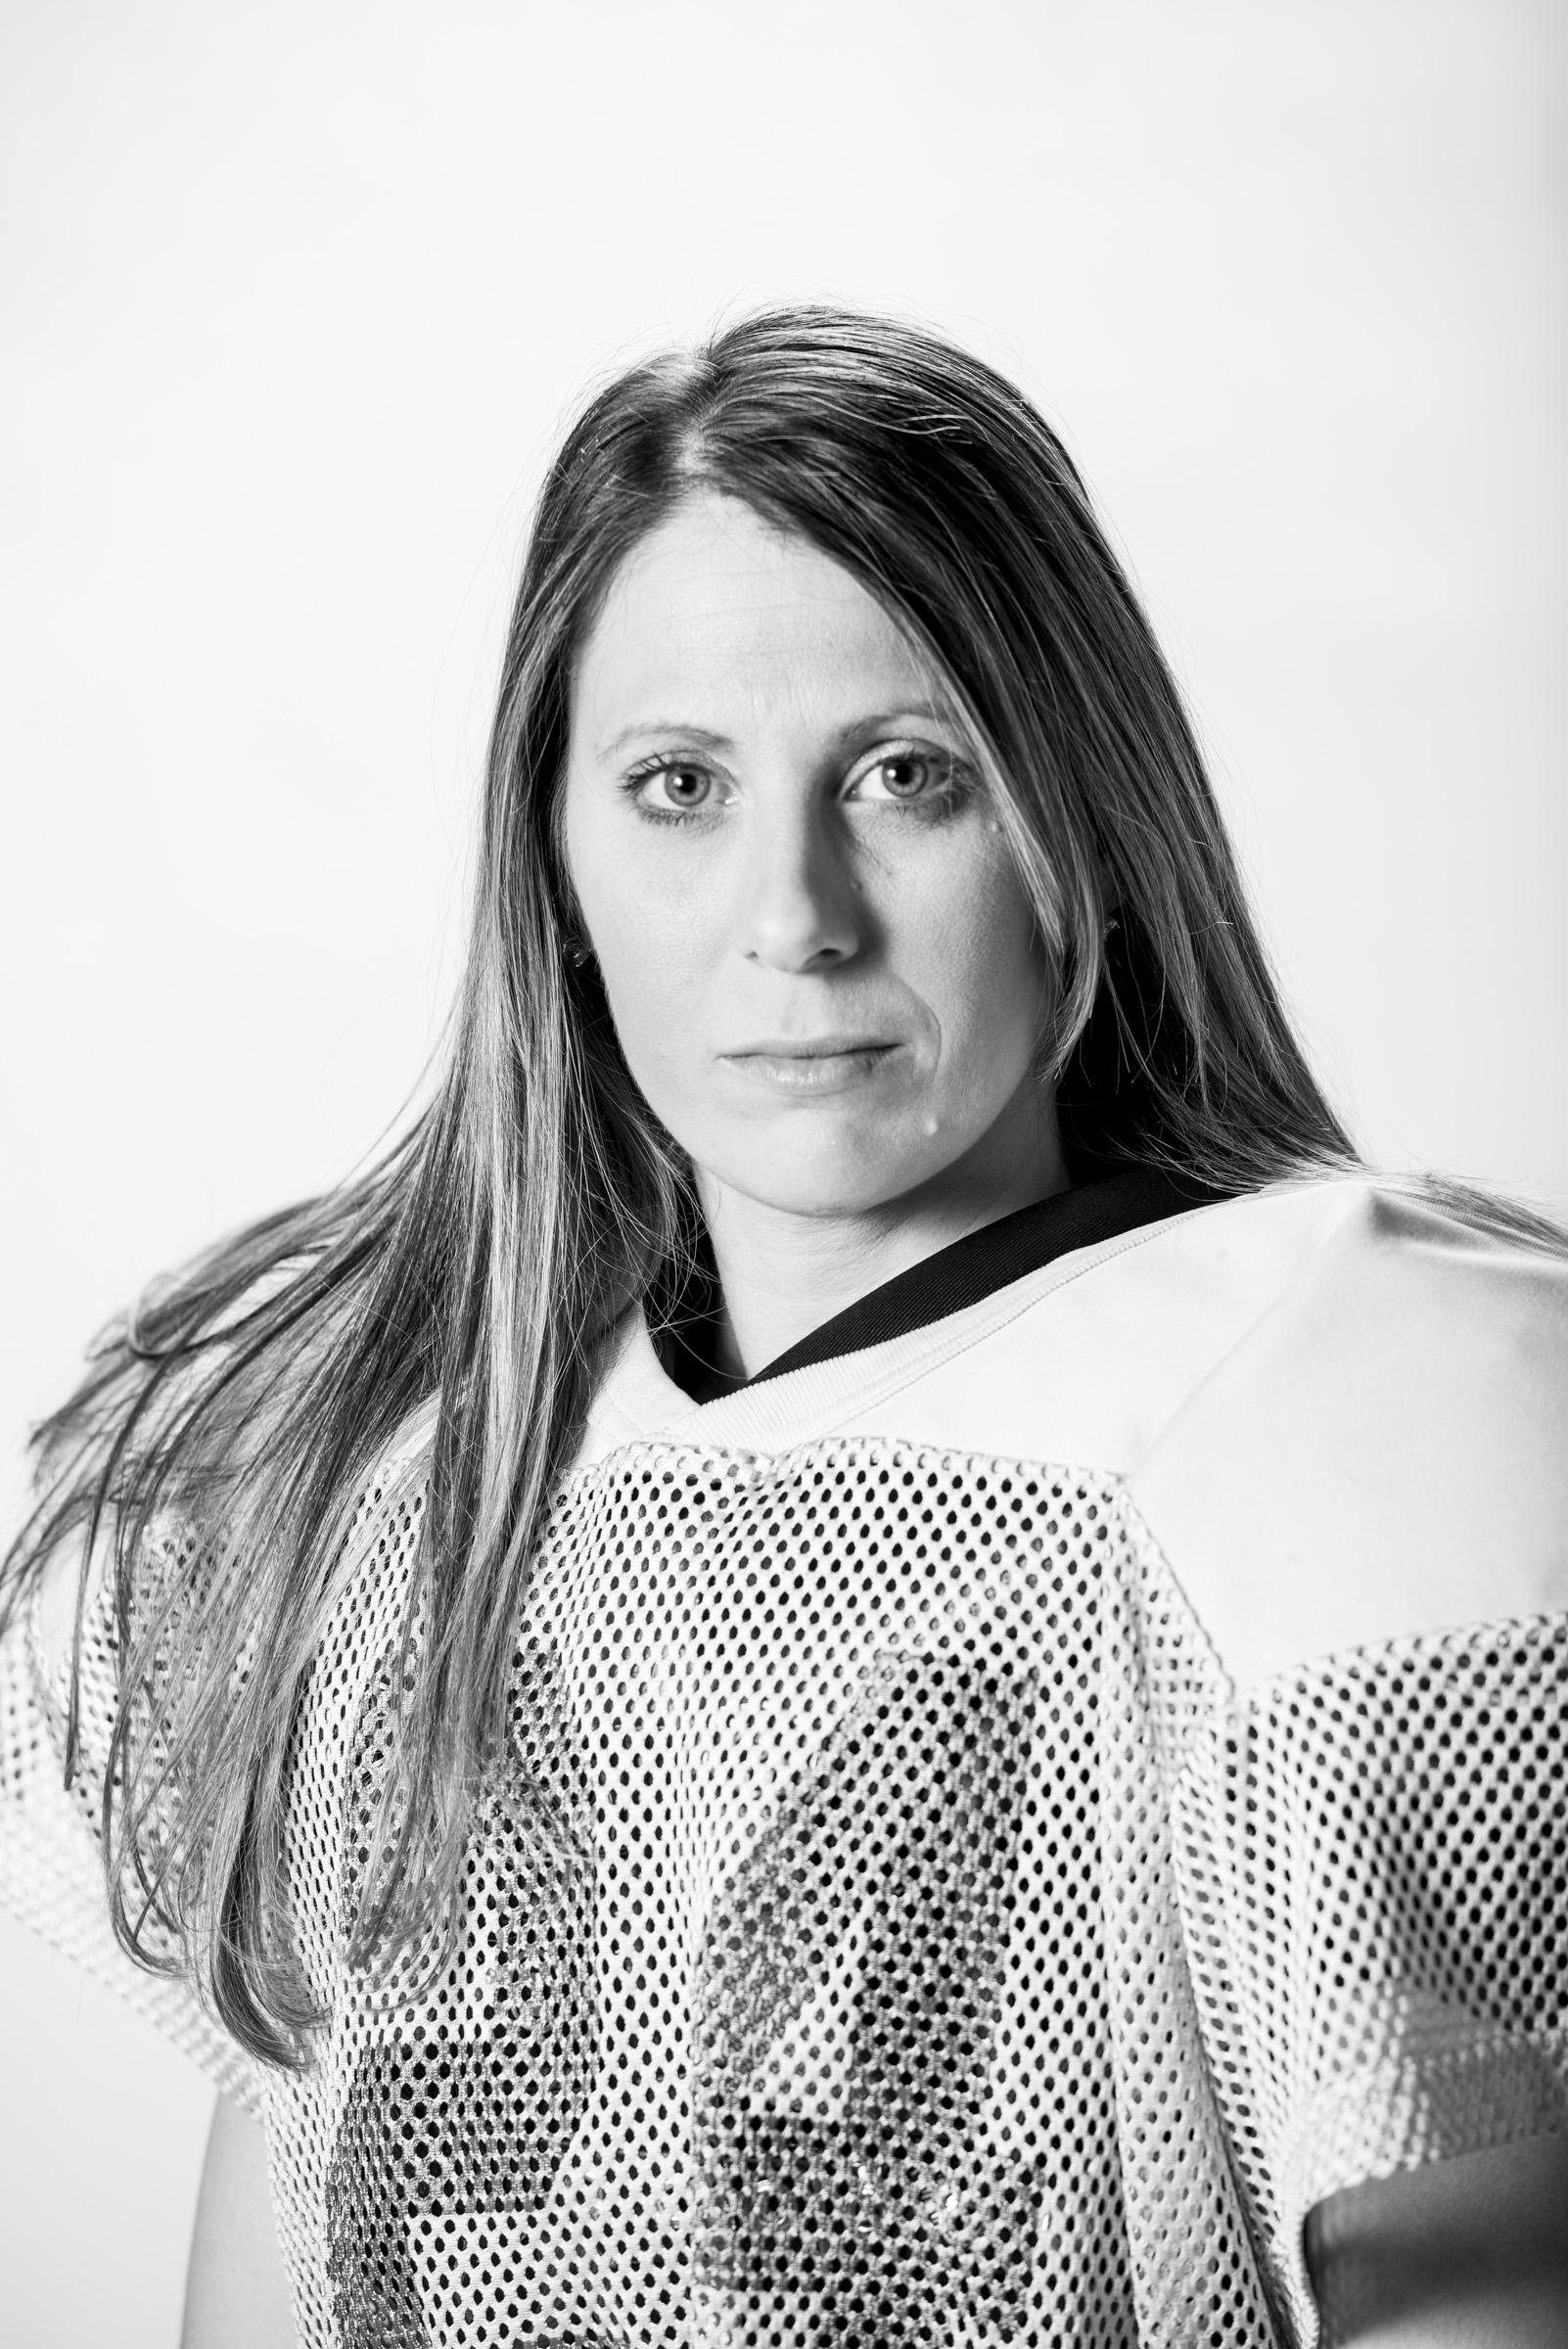 Briannah Gallo (2016)